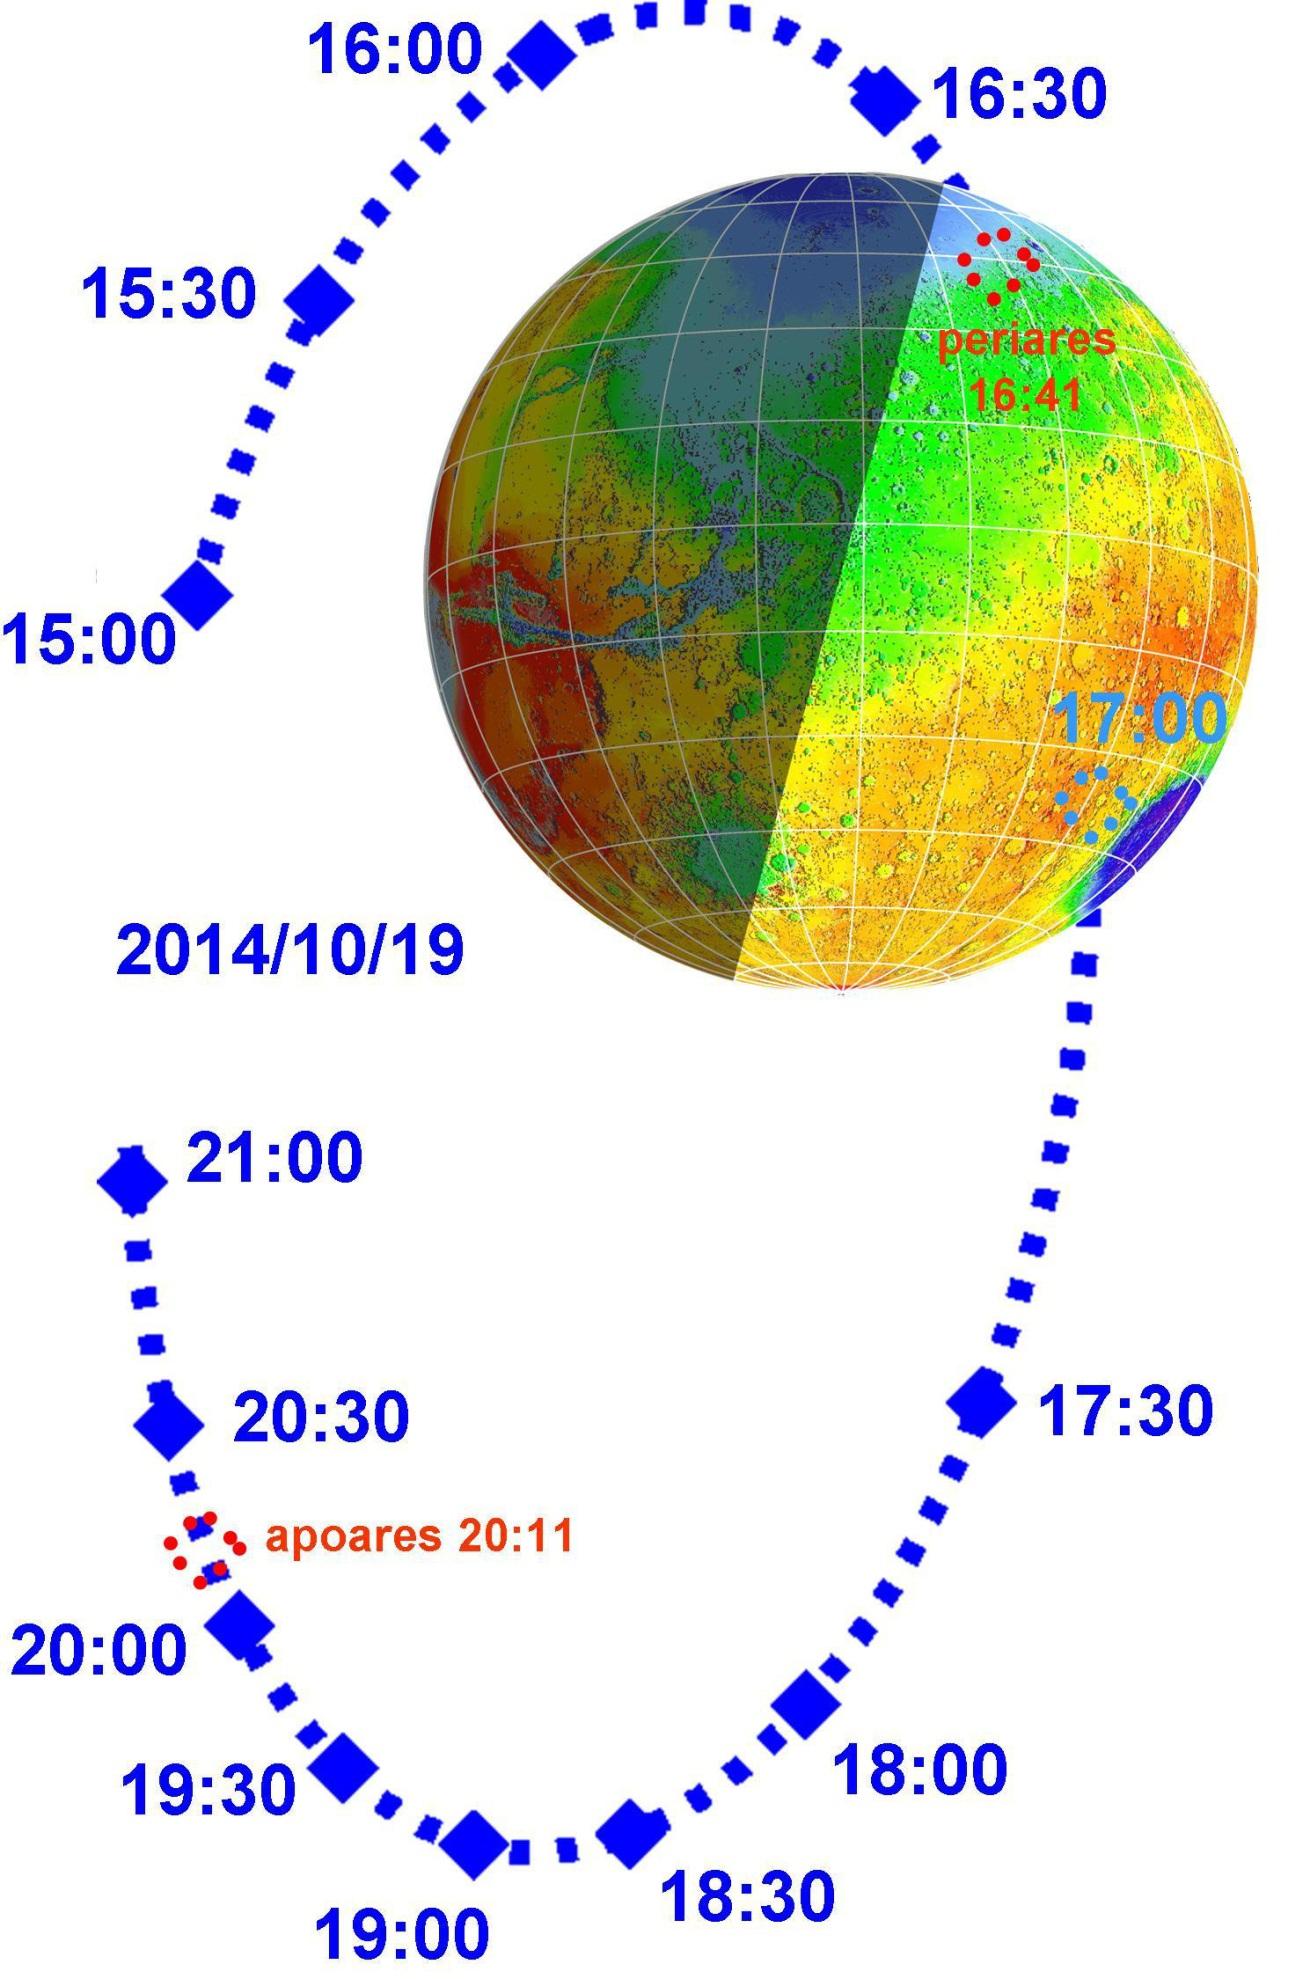 Mars, gesehen aus der Anflugrichtung des Kometen, mit der Bahn der Sonde Mars Express und den Punkten auf der Bahn, an denen sich die Sonde zu den genannten Uhrzeiten befinden würde, wenn es kein ausweichmanöver gäbe.